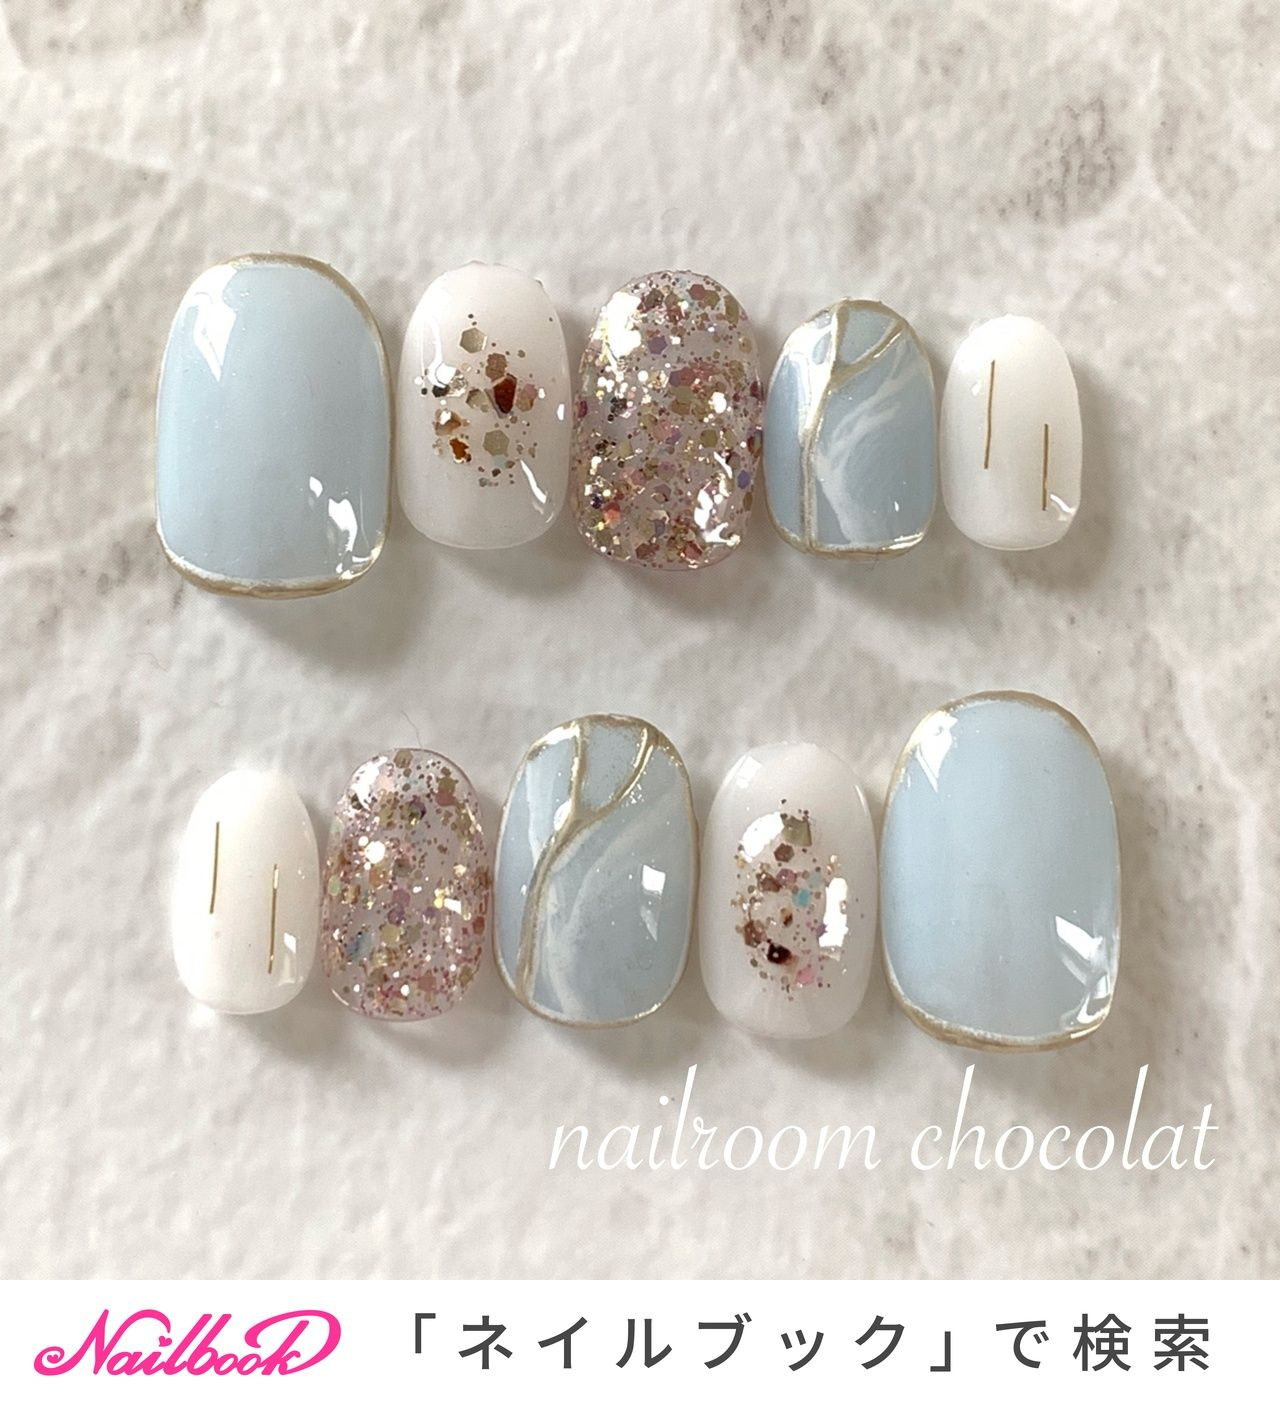 夏/梅雨/七夕/海/ハンド - nailroom*chocolatのネイルデザイン[No.4320959]|ネイルブック